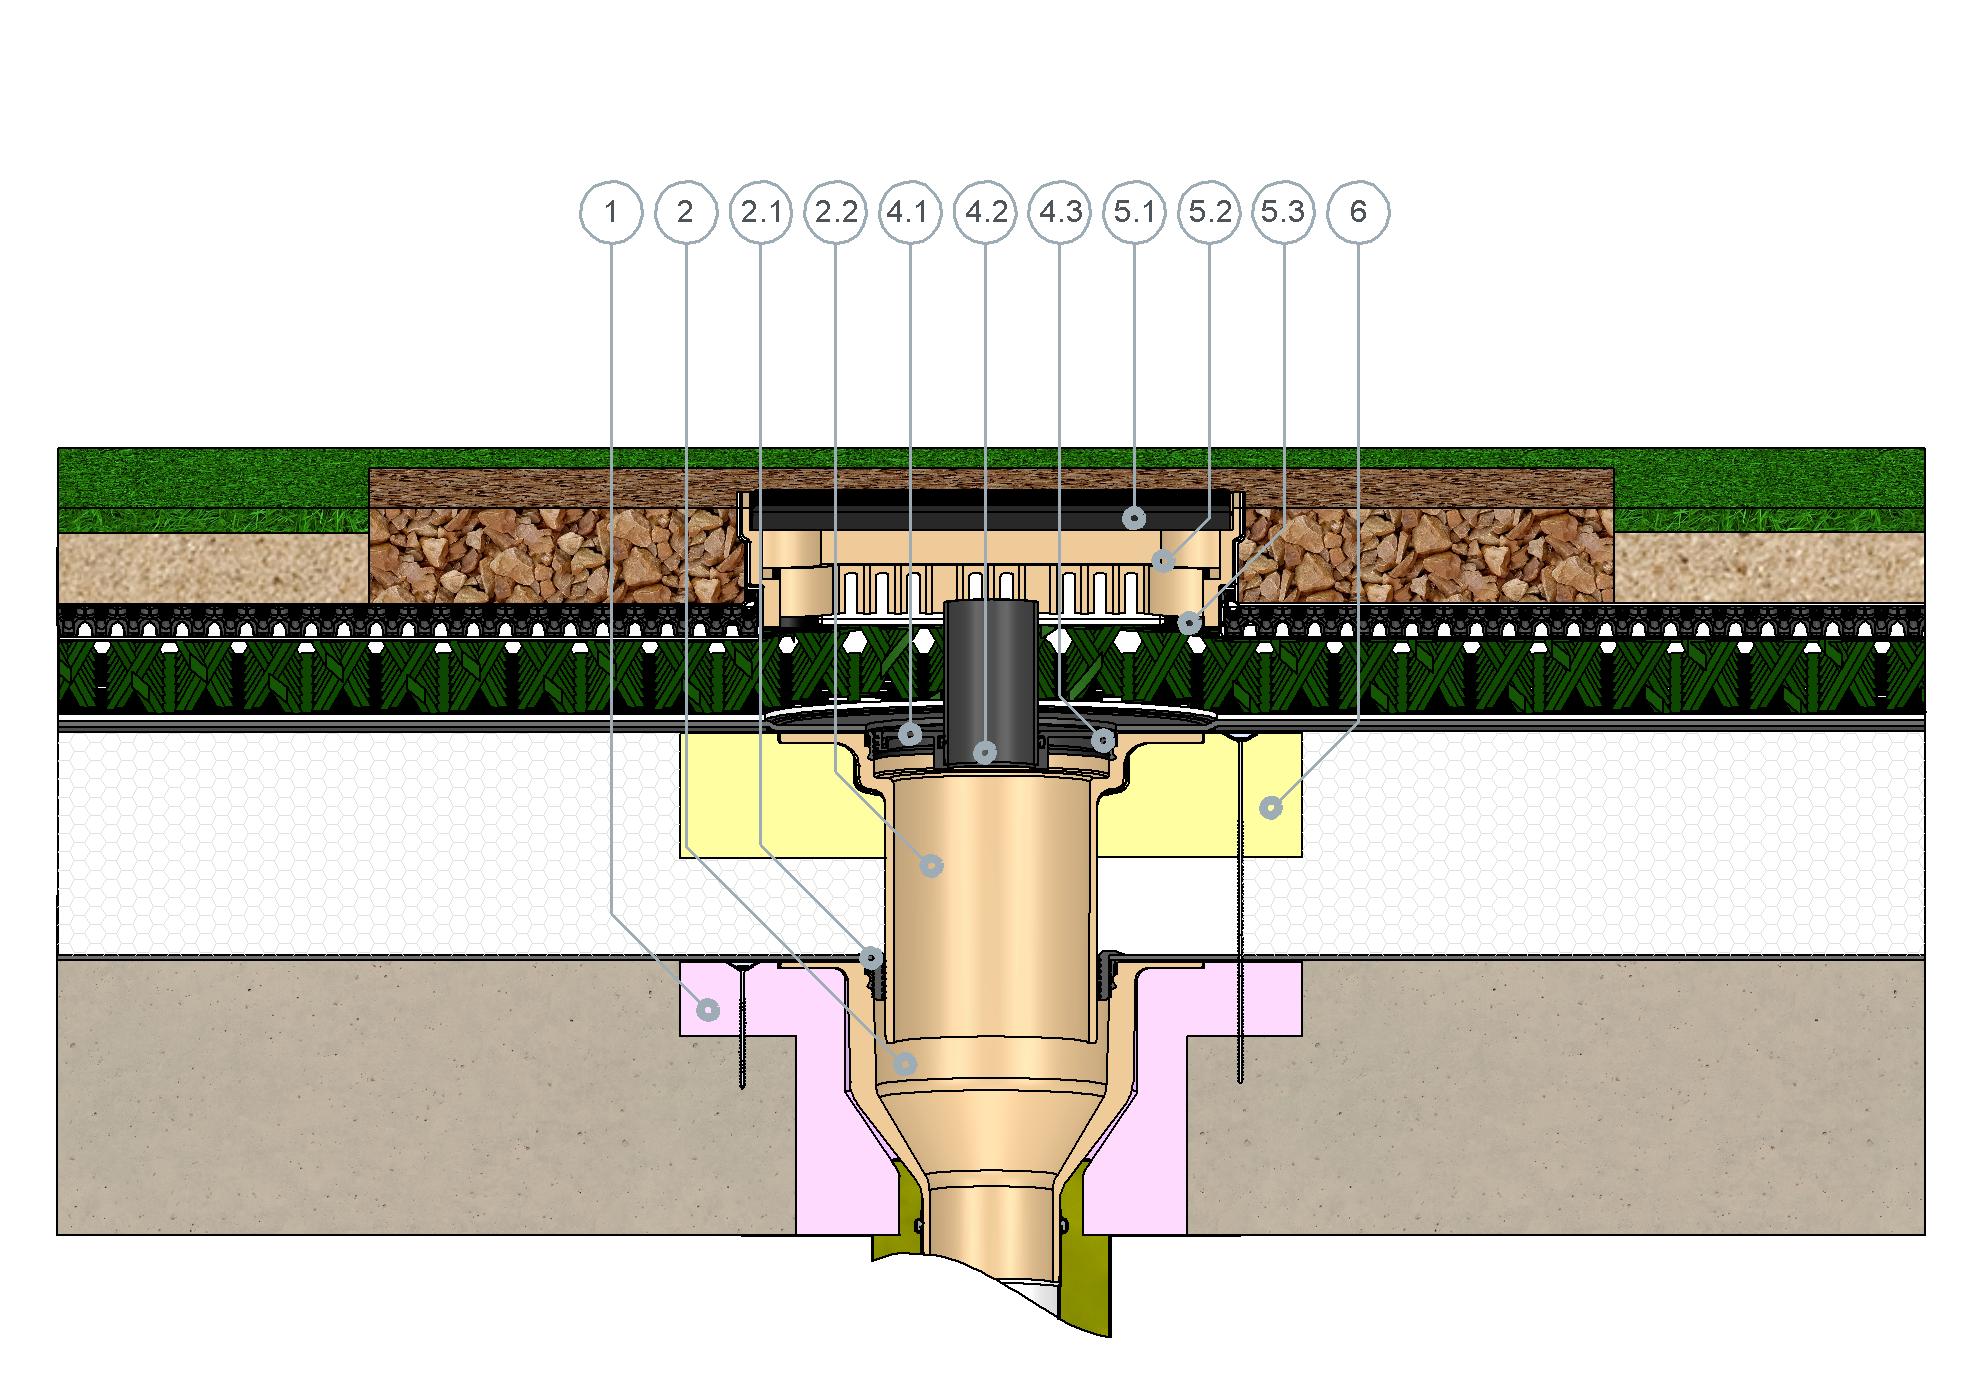 SitaRetention Gründachschacht und SitaRetention Fix mit SitaStandard im nicht belüfteten Dachaufbau mit extensiver Begrünung